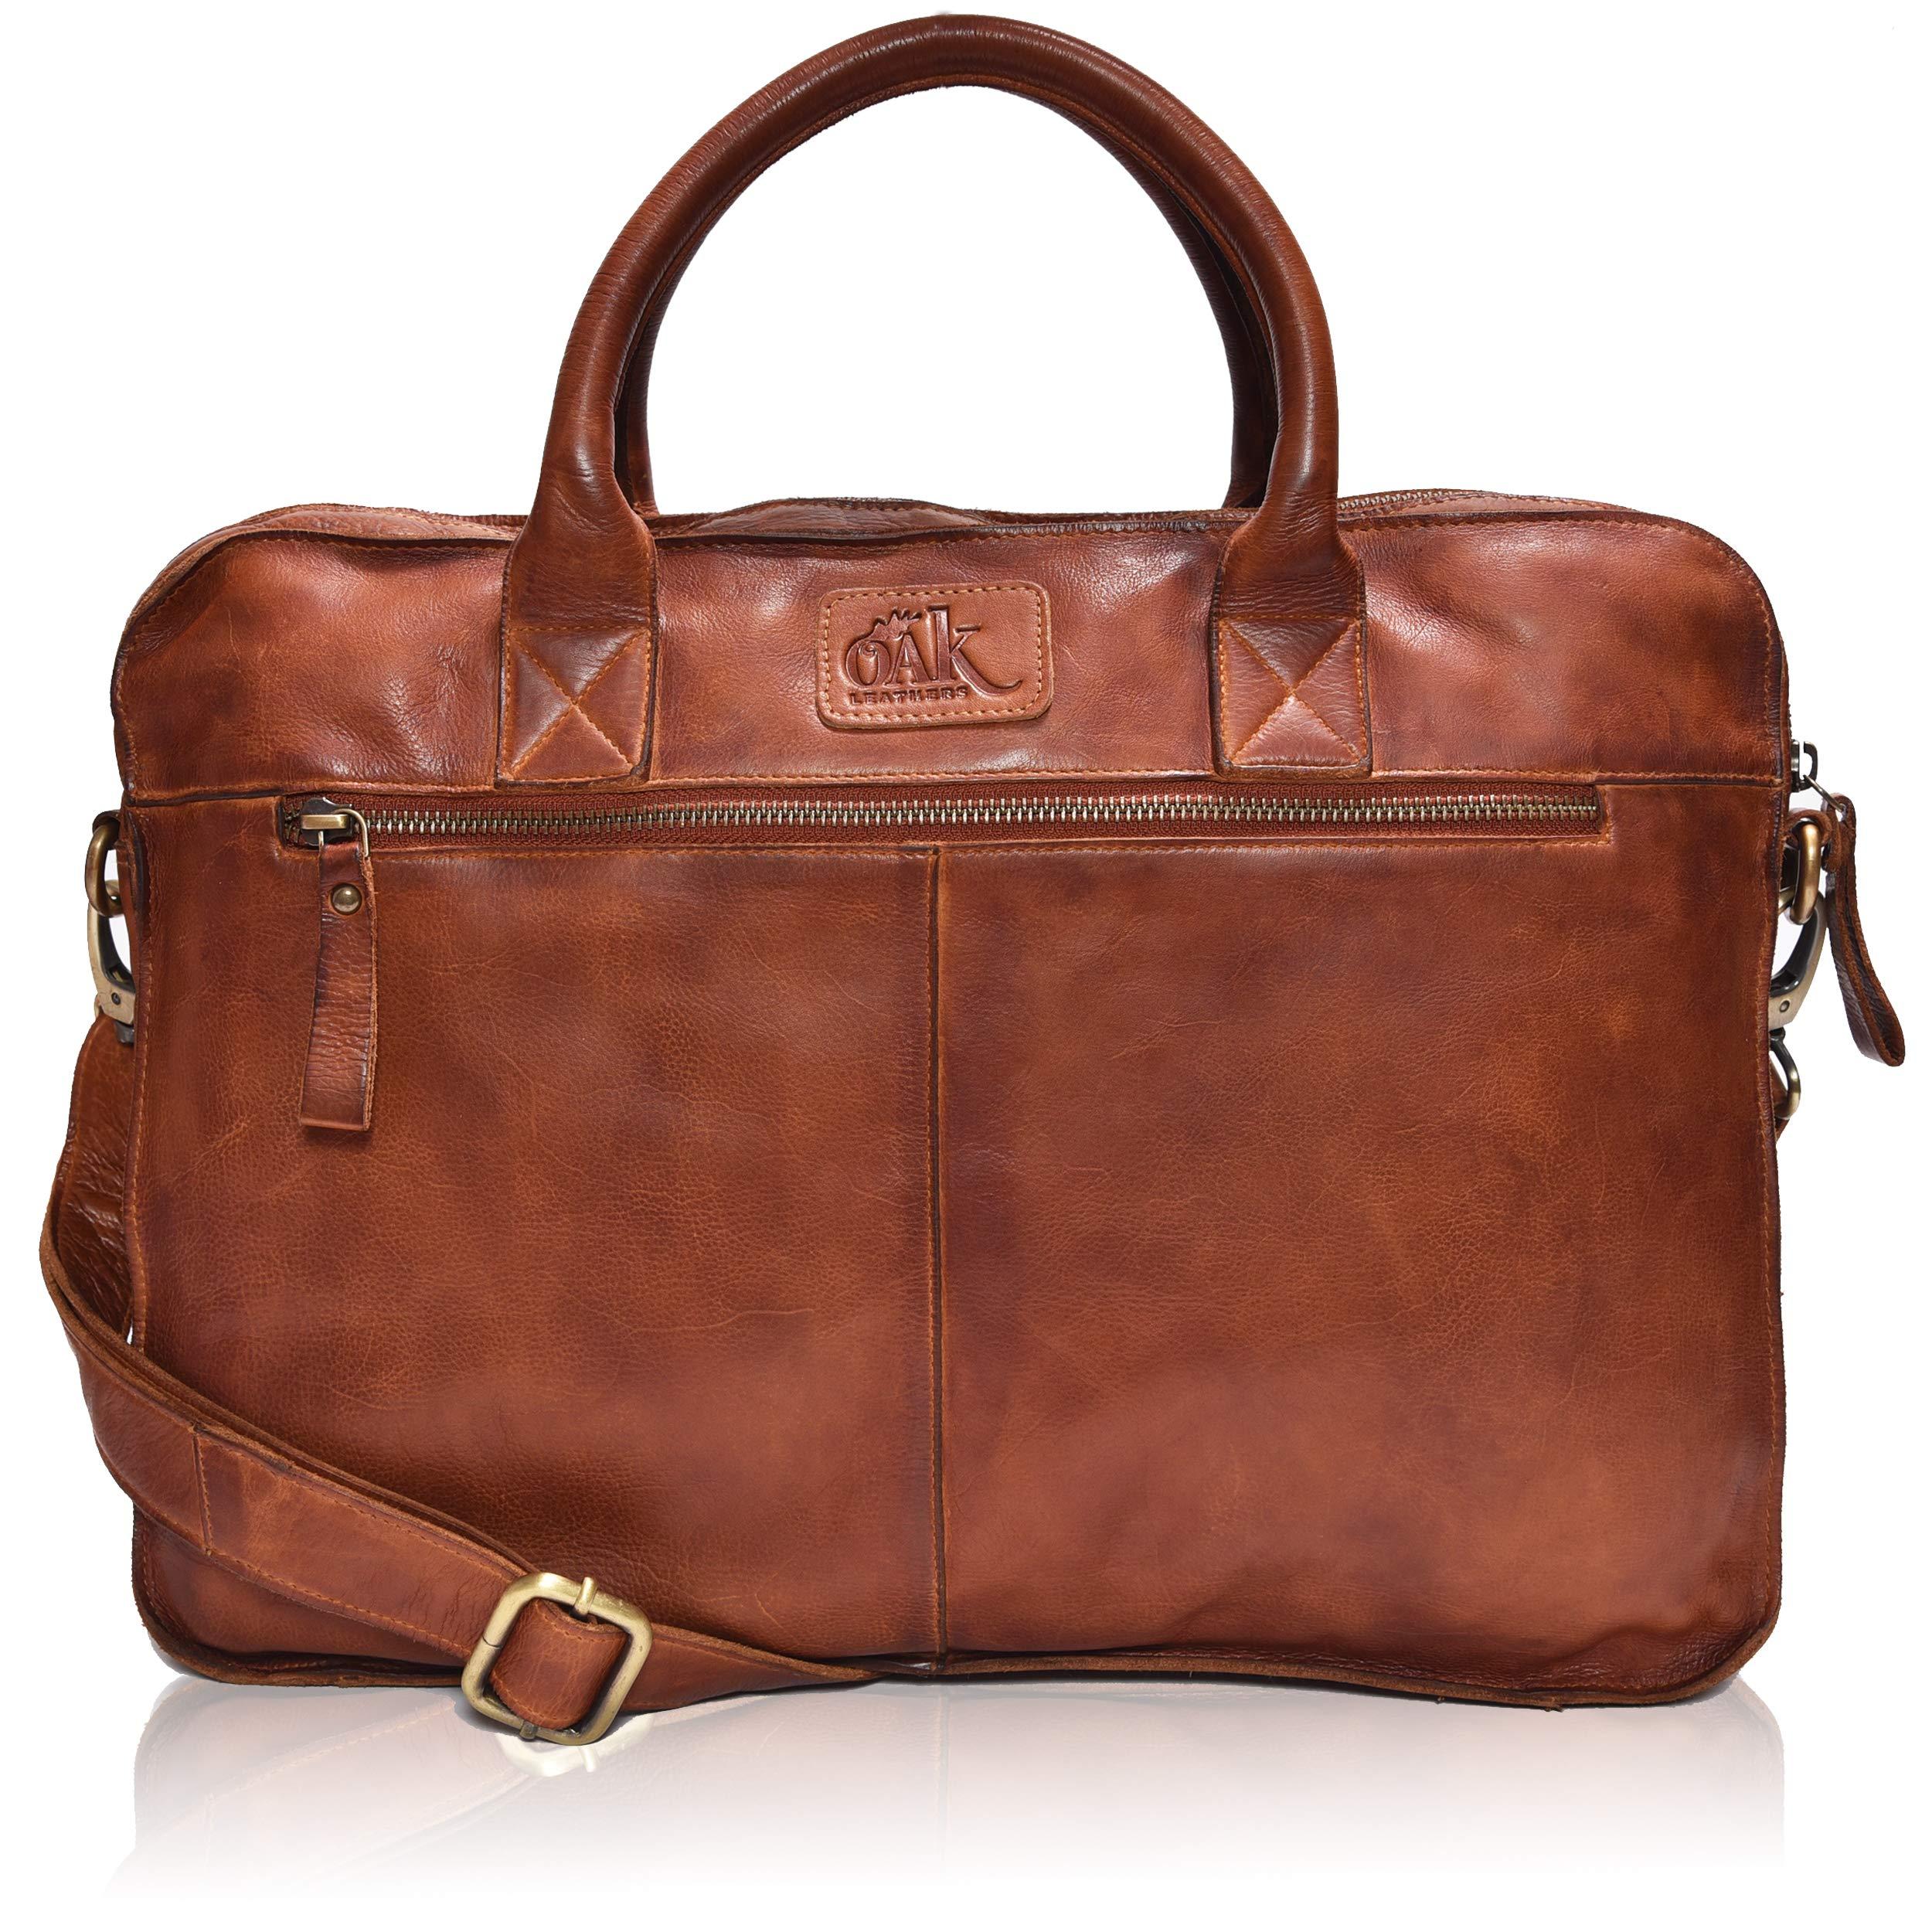 Leather Messenger bag for men 15'' Laptop Satchel Shoulder Bag for Men and Women (Dark Tan Wash)